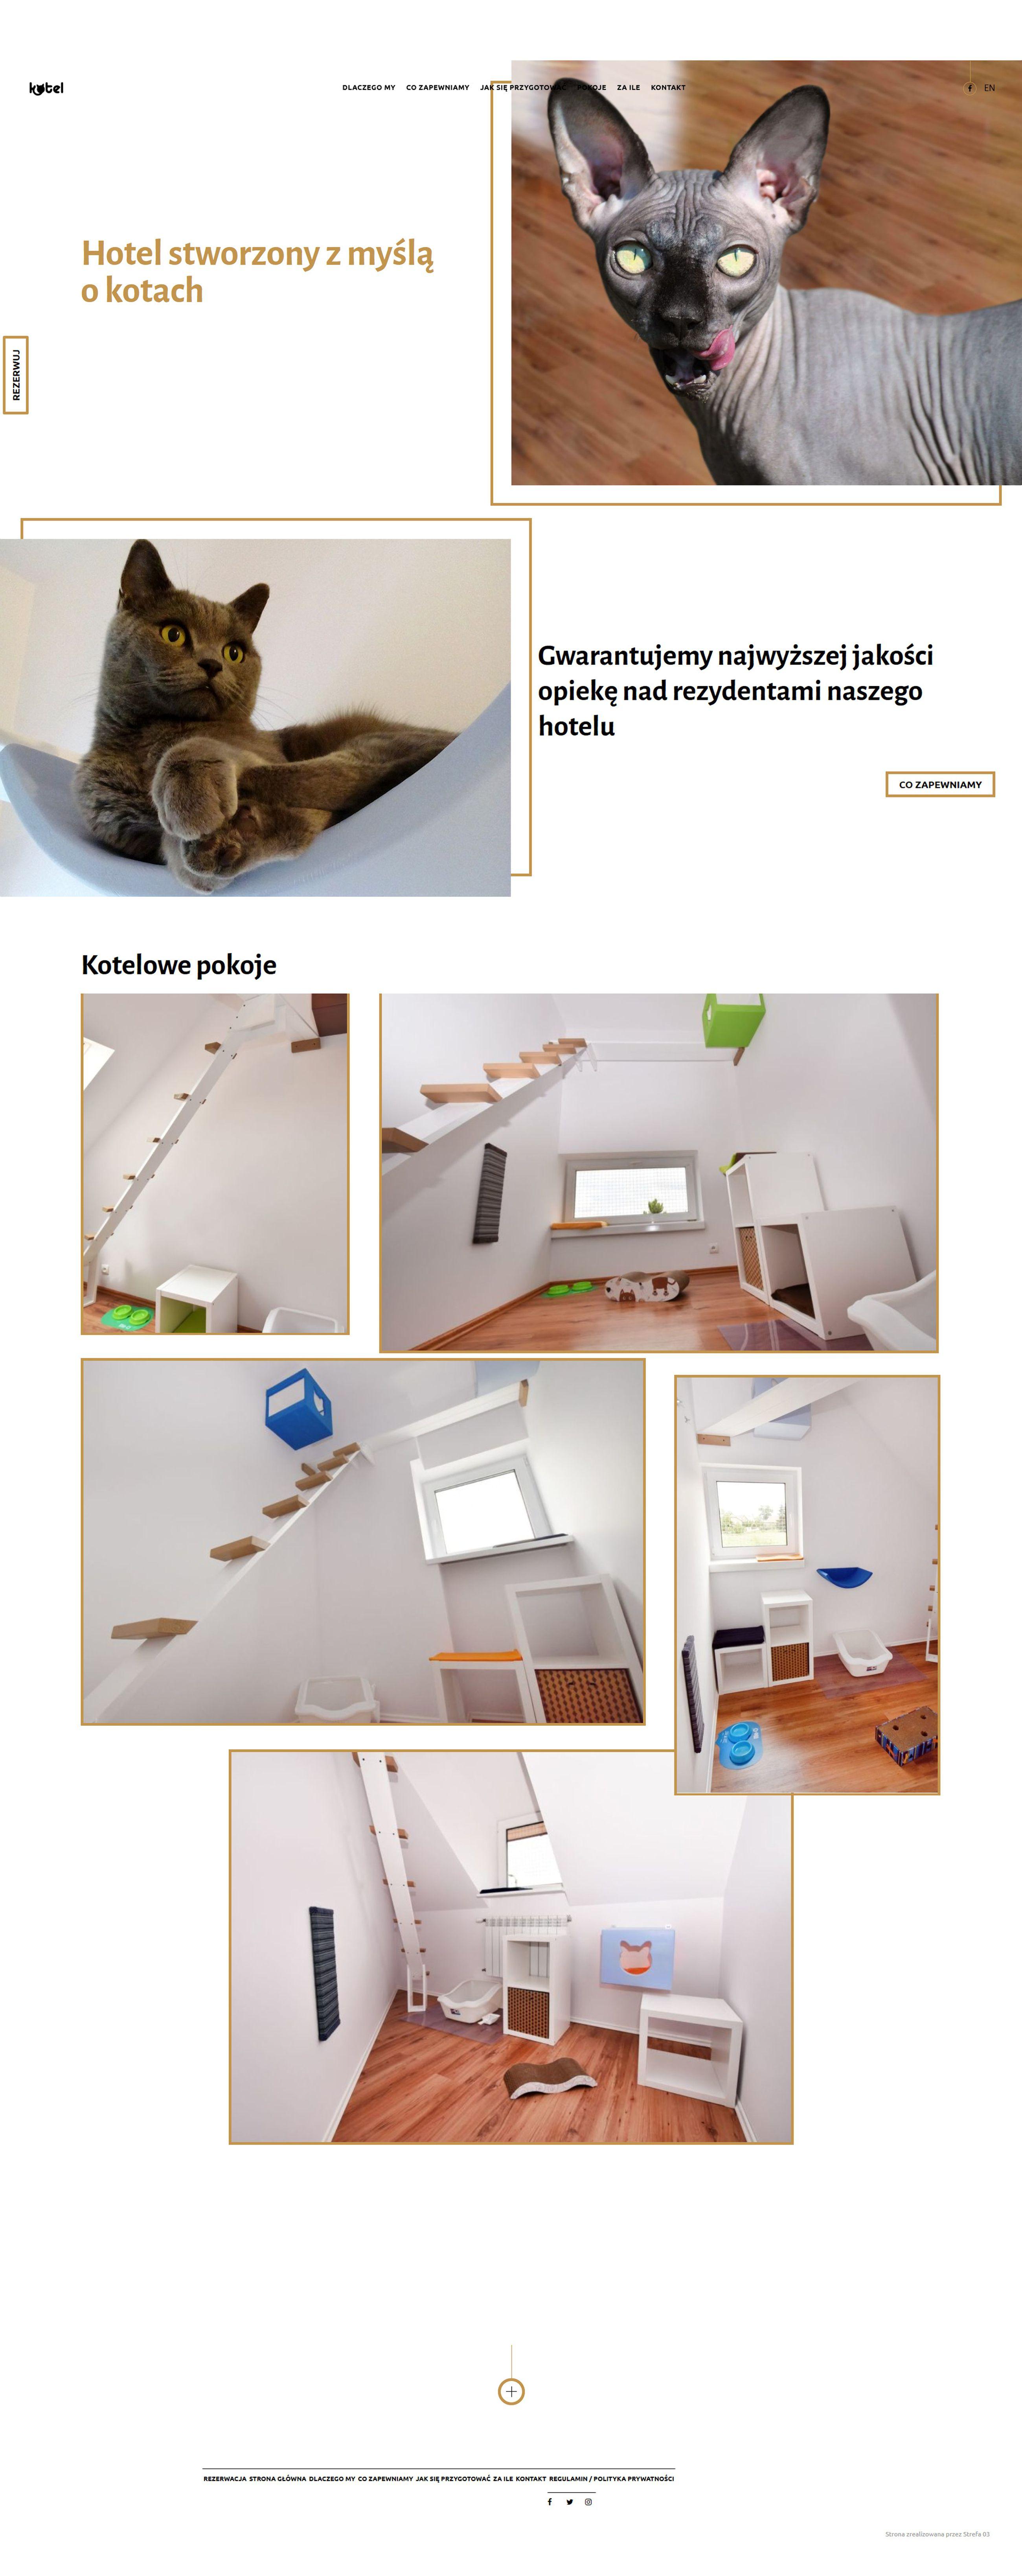 Projekt strony www dla hotelu dla kotów Kotel